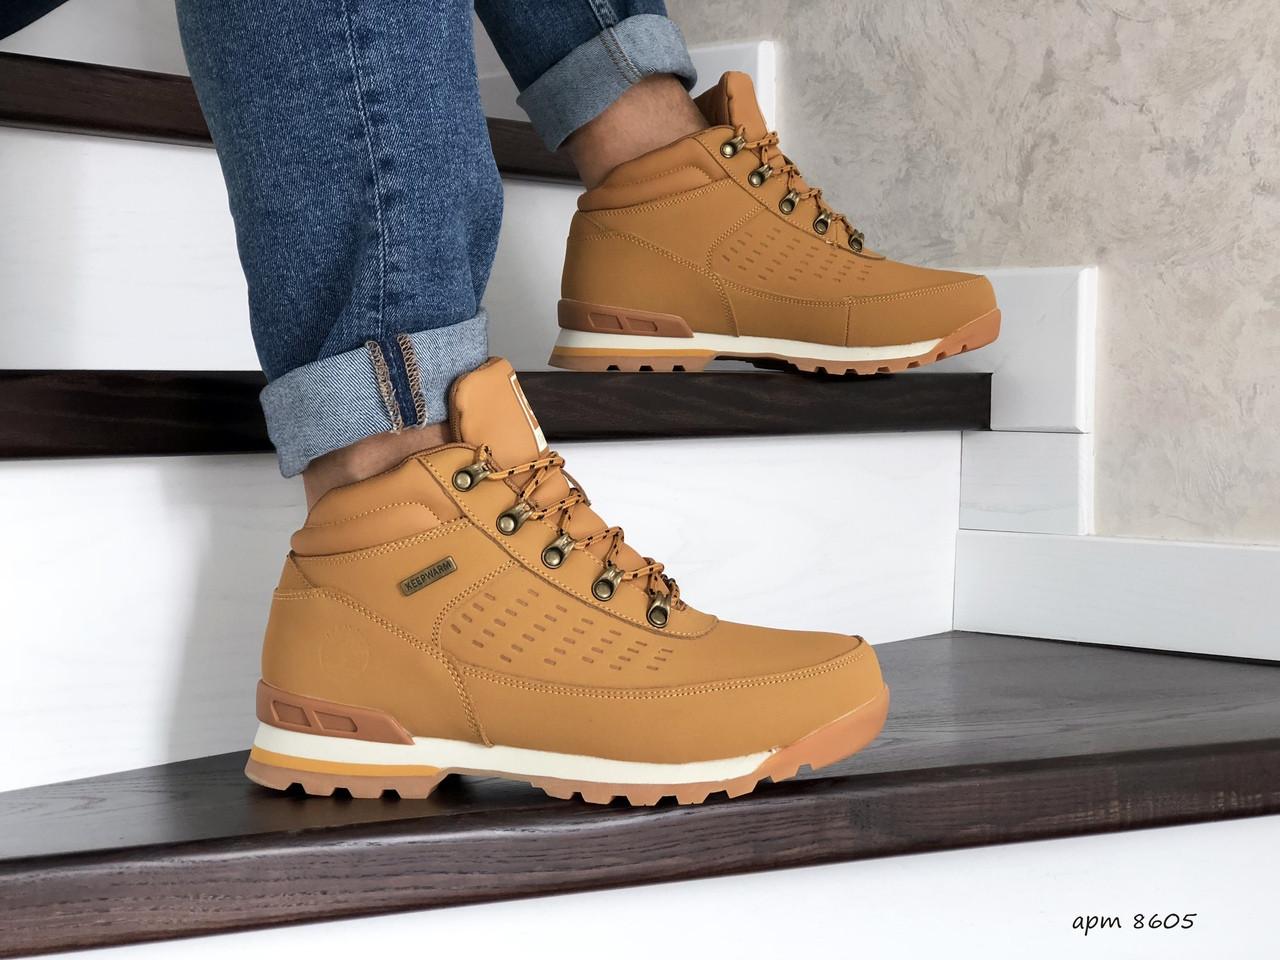 Зимние ботинки в стиле Timberland, тимберленд (зима утепленная мехом, кожа нубук, горчичные)